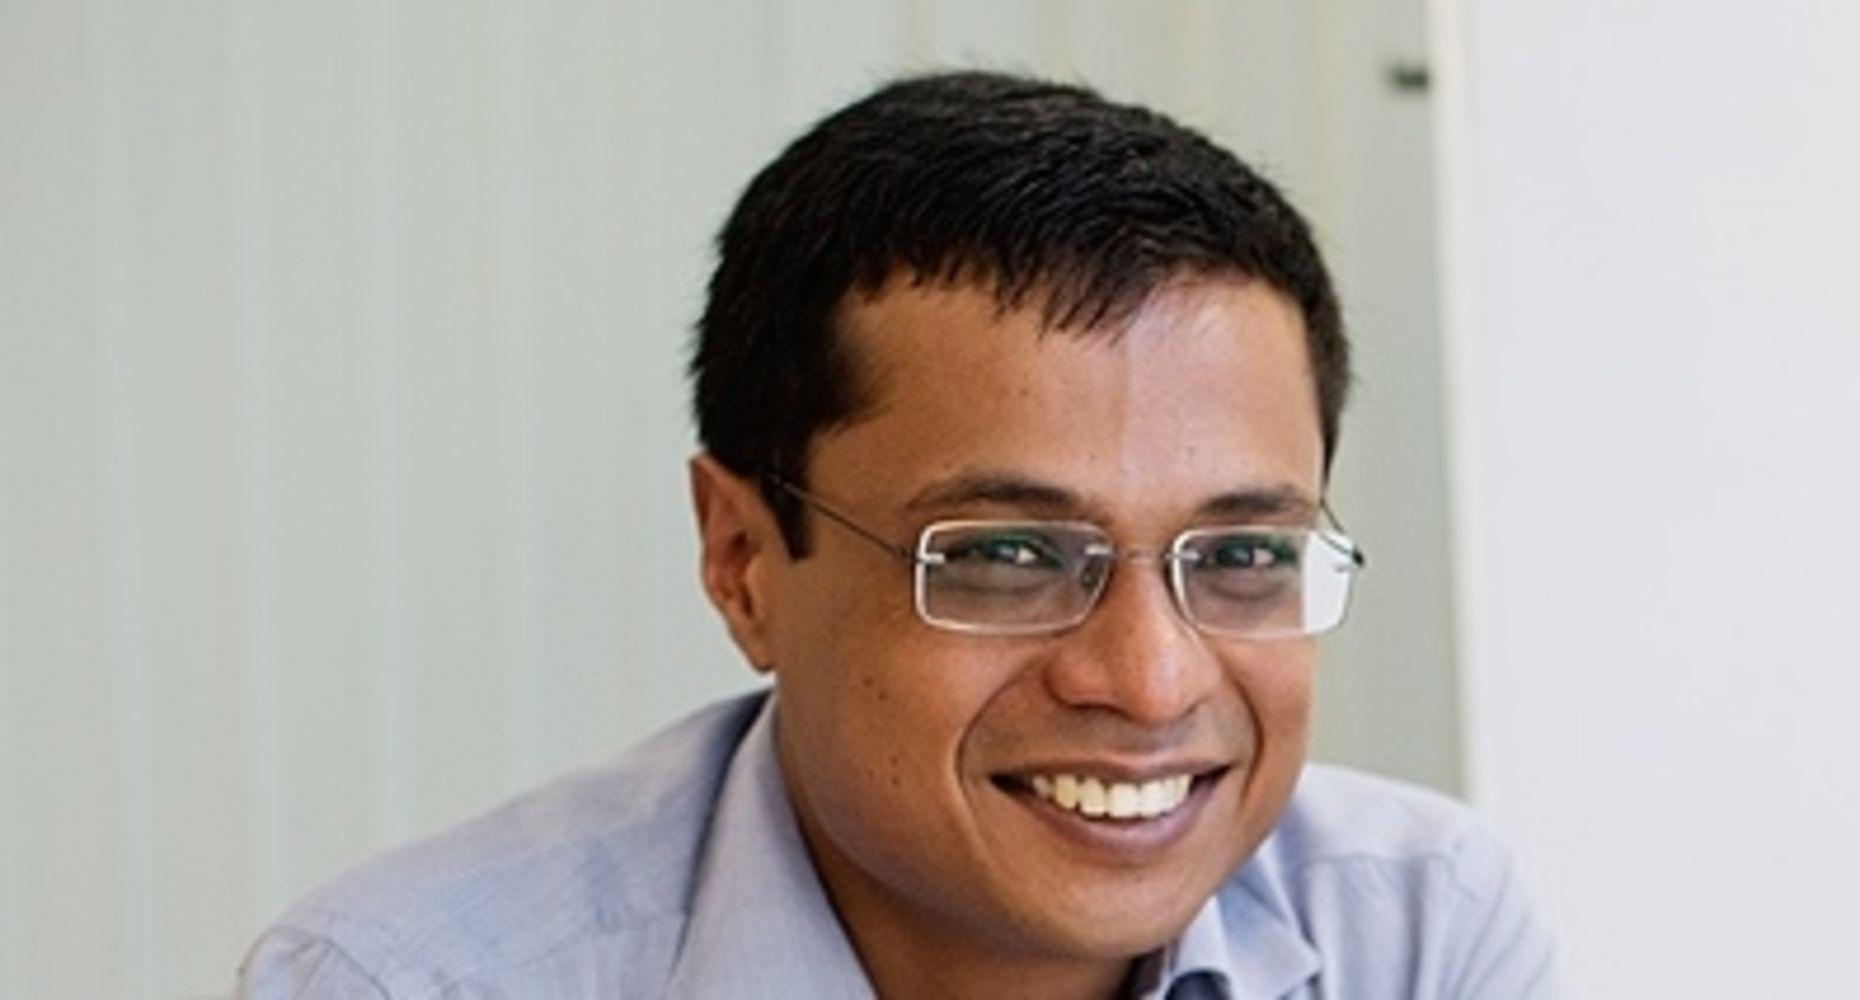 Flipkart co-founder Sachin Bansal. Photo via Wikipedia.